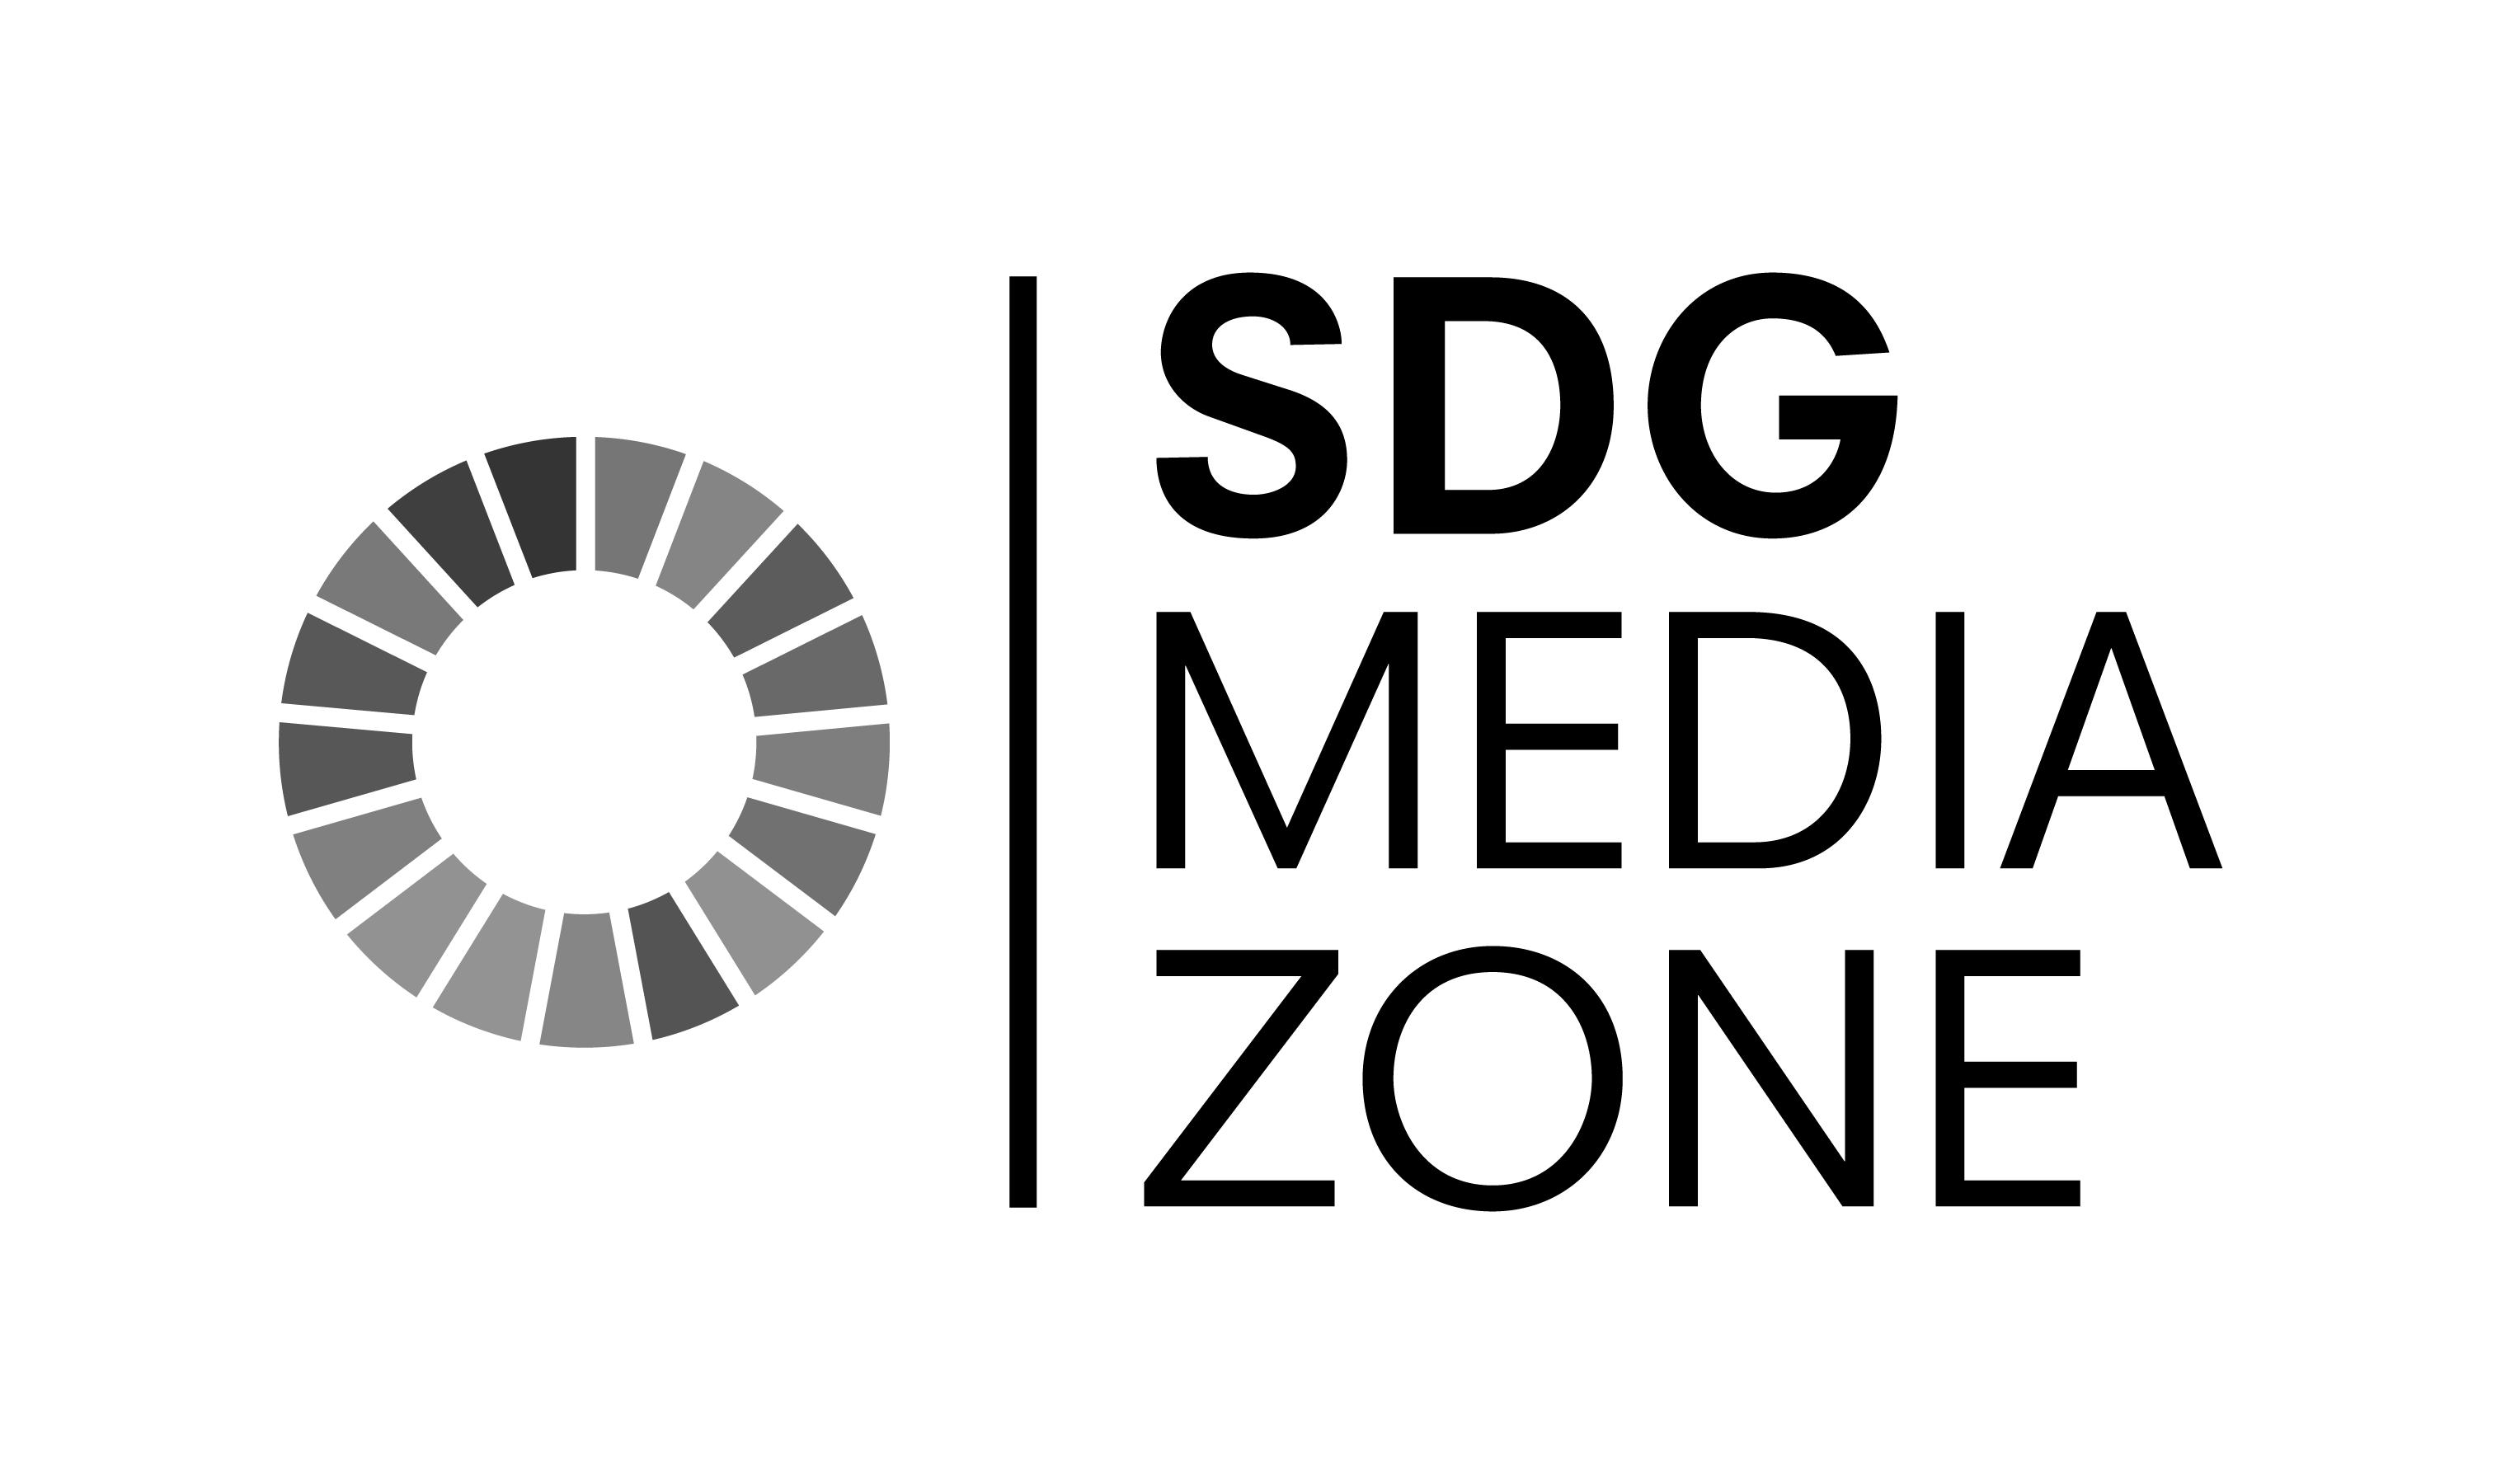 SDG Mediazone logo